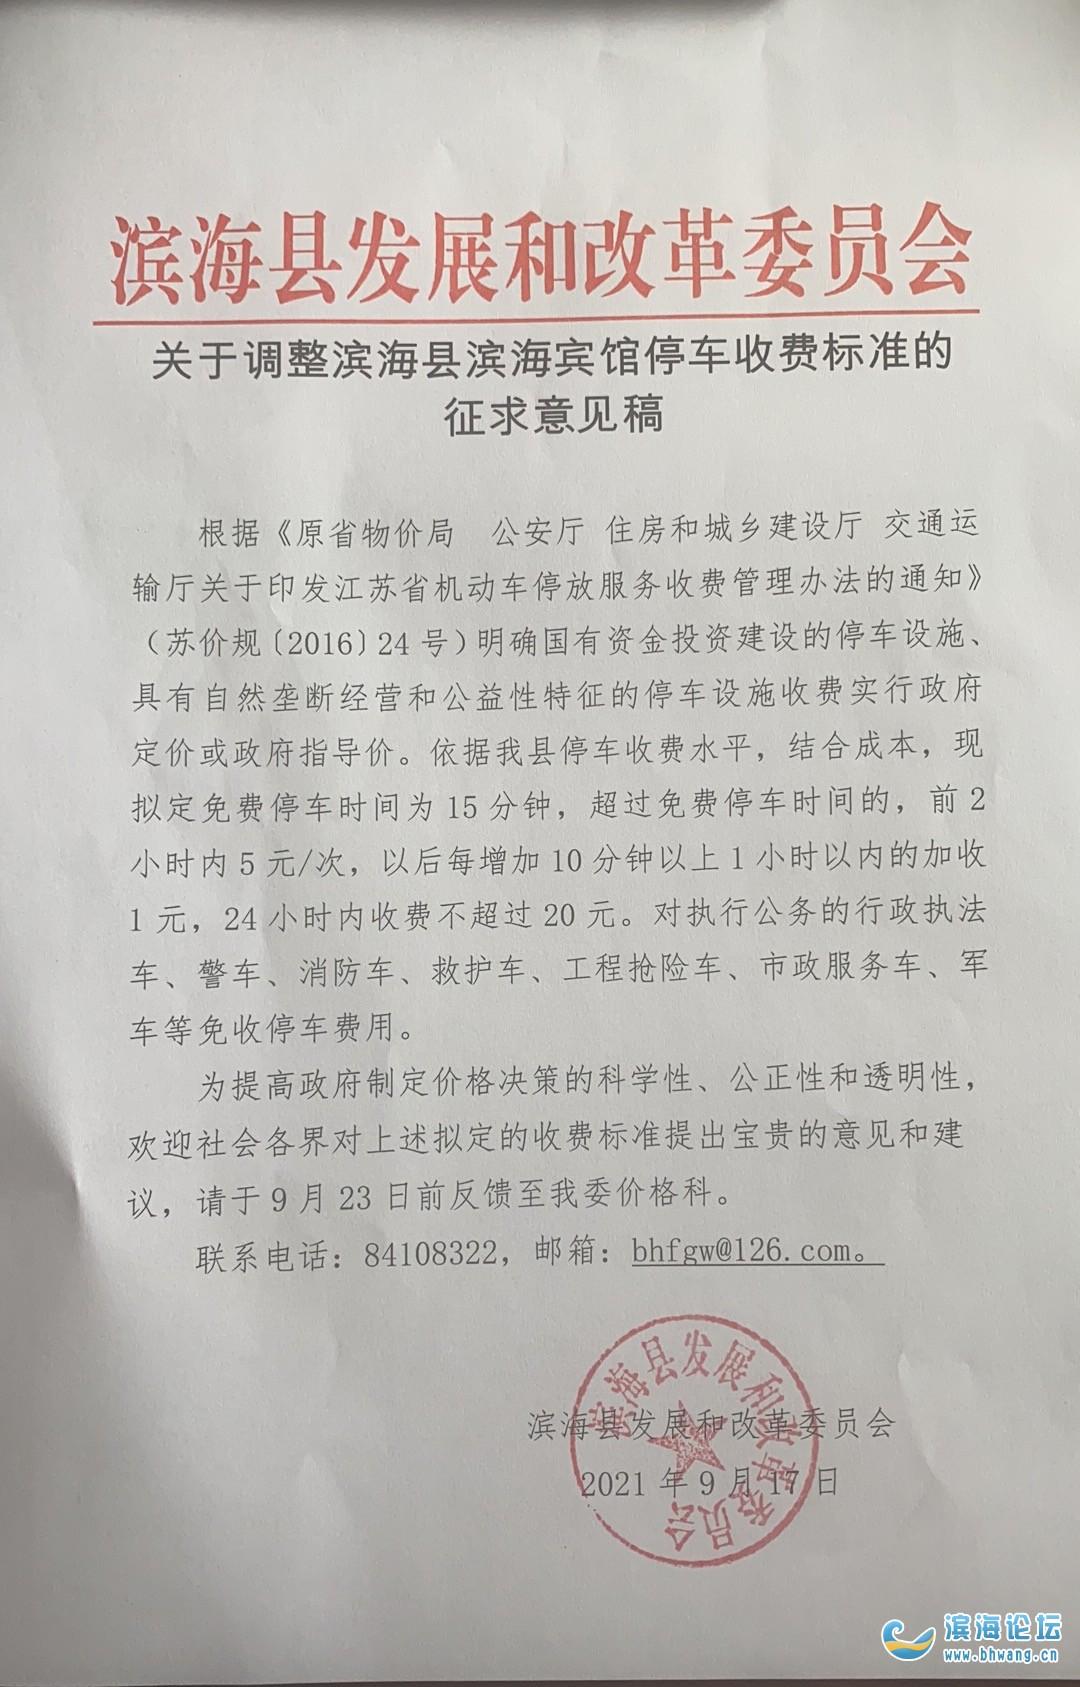 关于调整滨海县滨海宾馆停车收费标准的征求意见稿